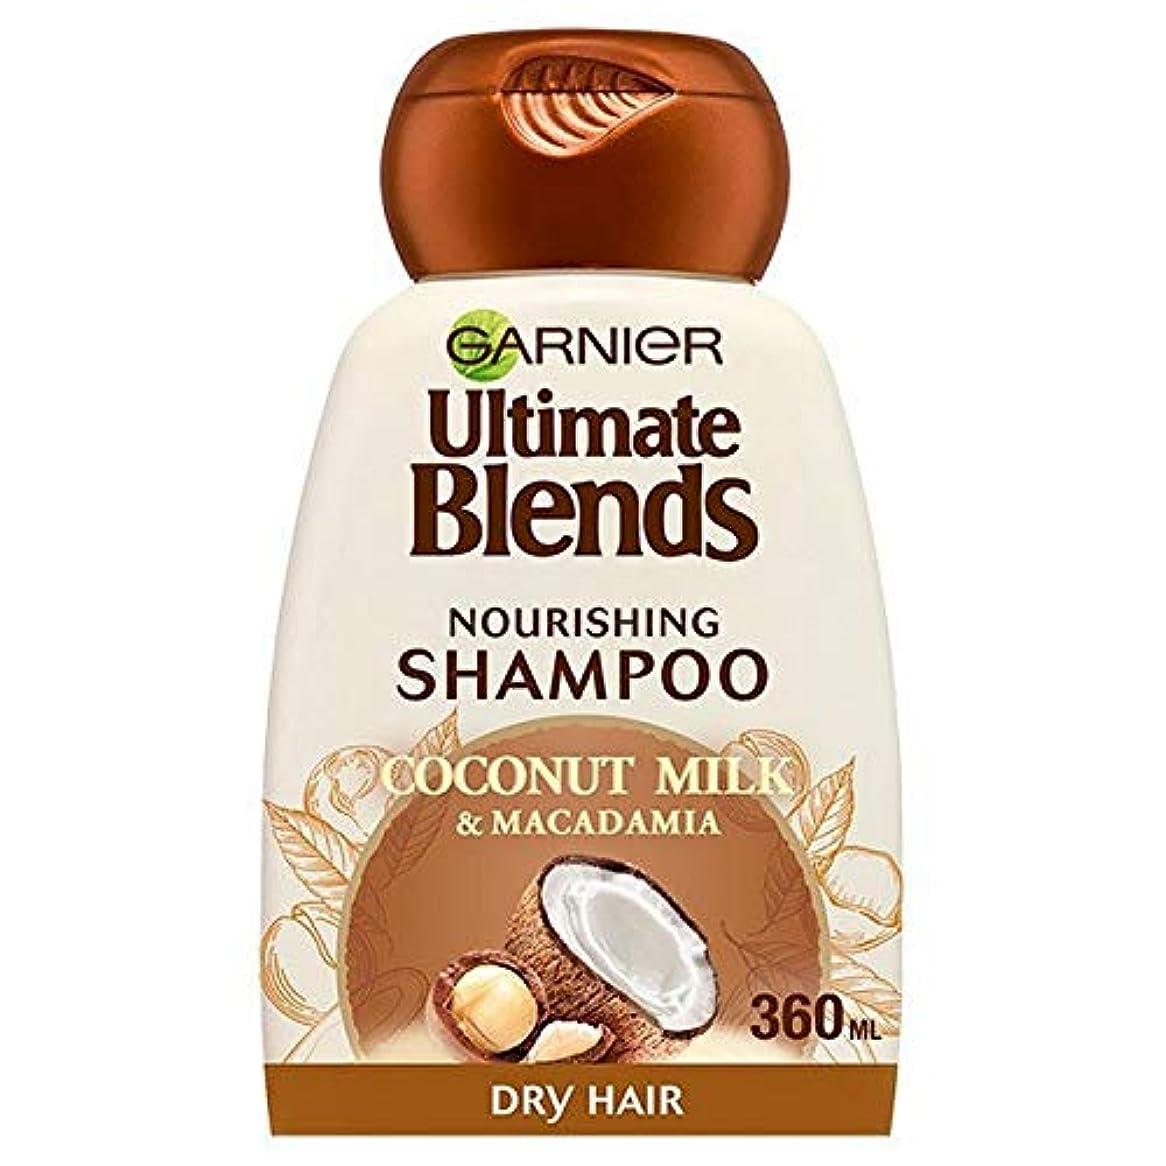 たくさんのするだろう素晴らしい[Garnier ] 究極のブレンドココナッツミルクドライヘアシャンプー360ミリリットル - Ultimate Blends Coconut Milk Dry Hair Shampoo 360ml [並行輸入品]